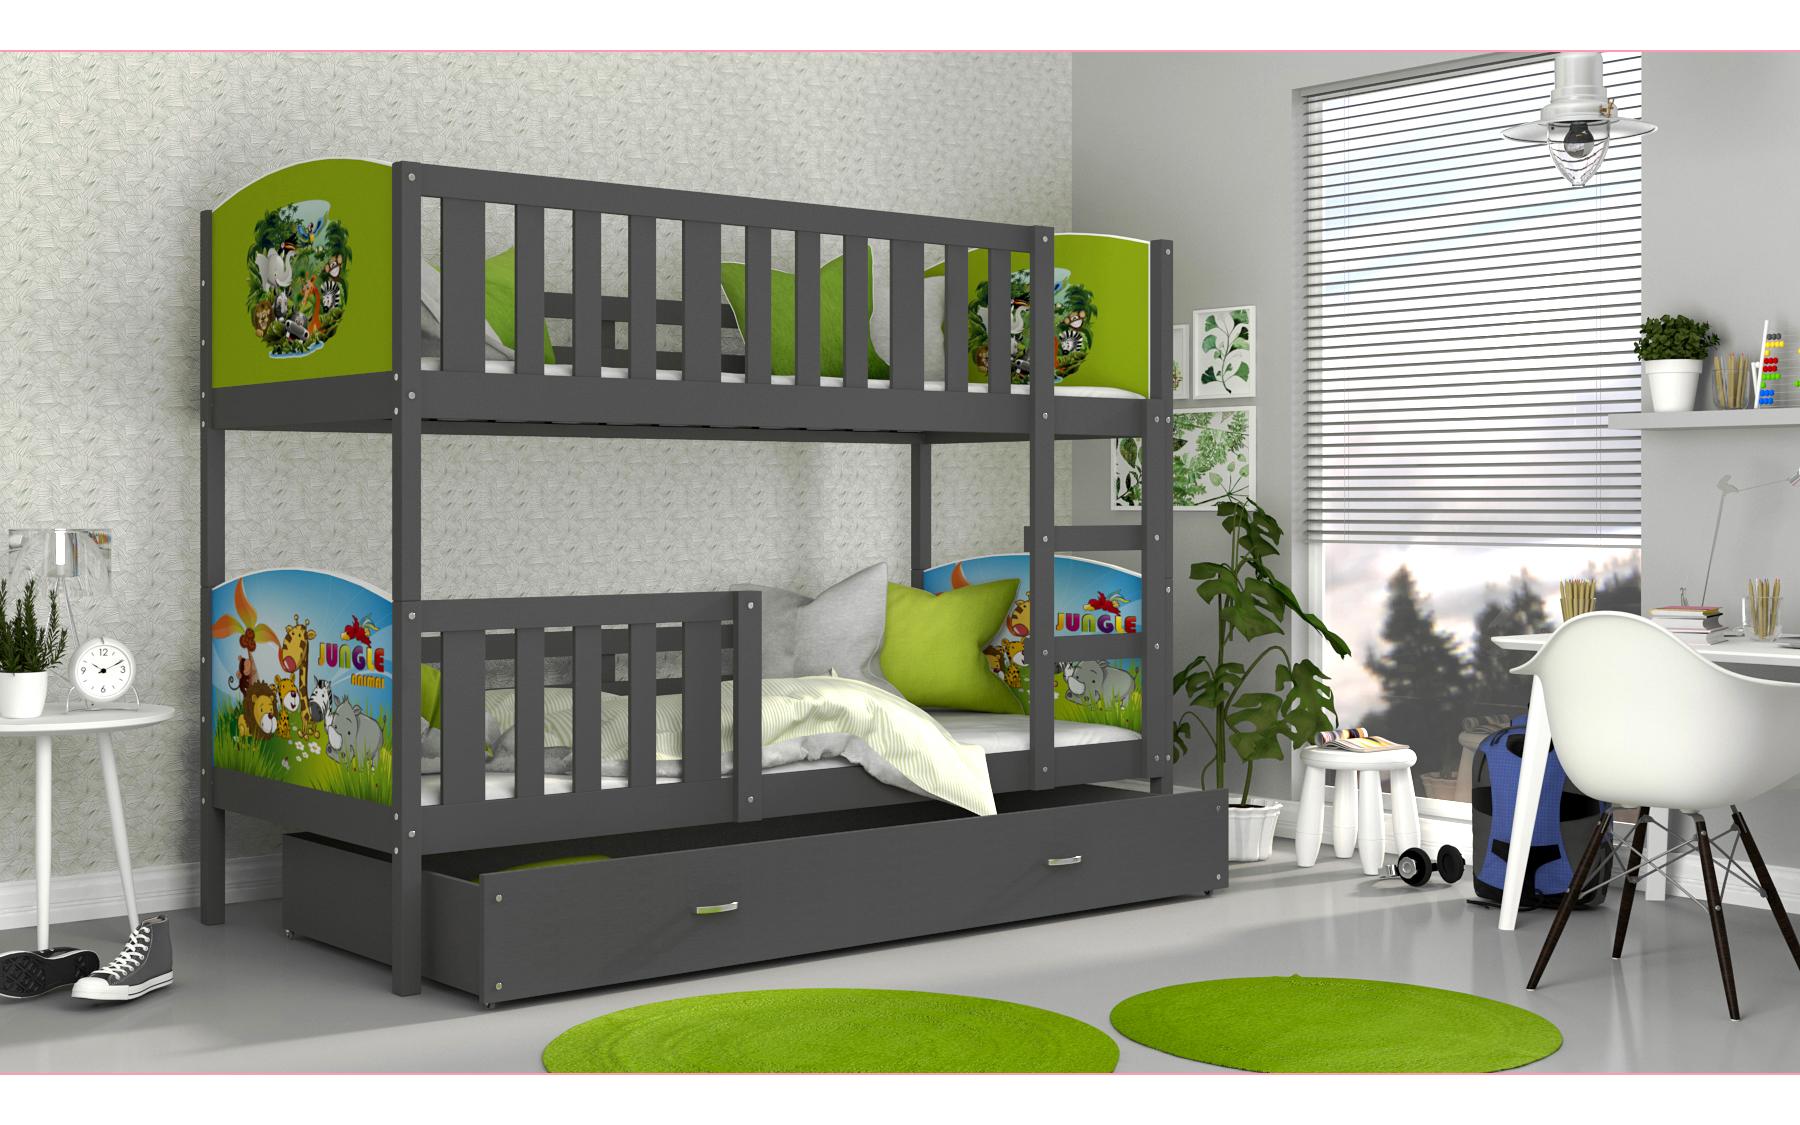 ArtAJ Detská poschodová posteľ Tami / sivá Tami rozmer: 160 x 80 cm, s matracom